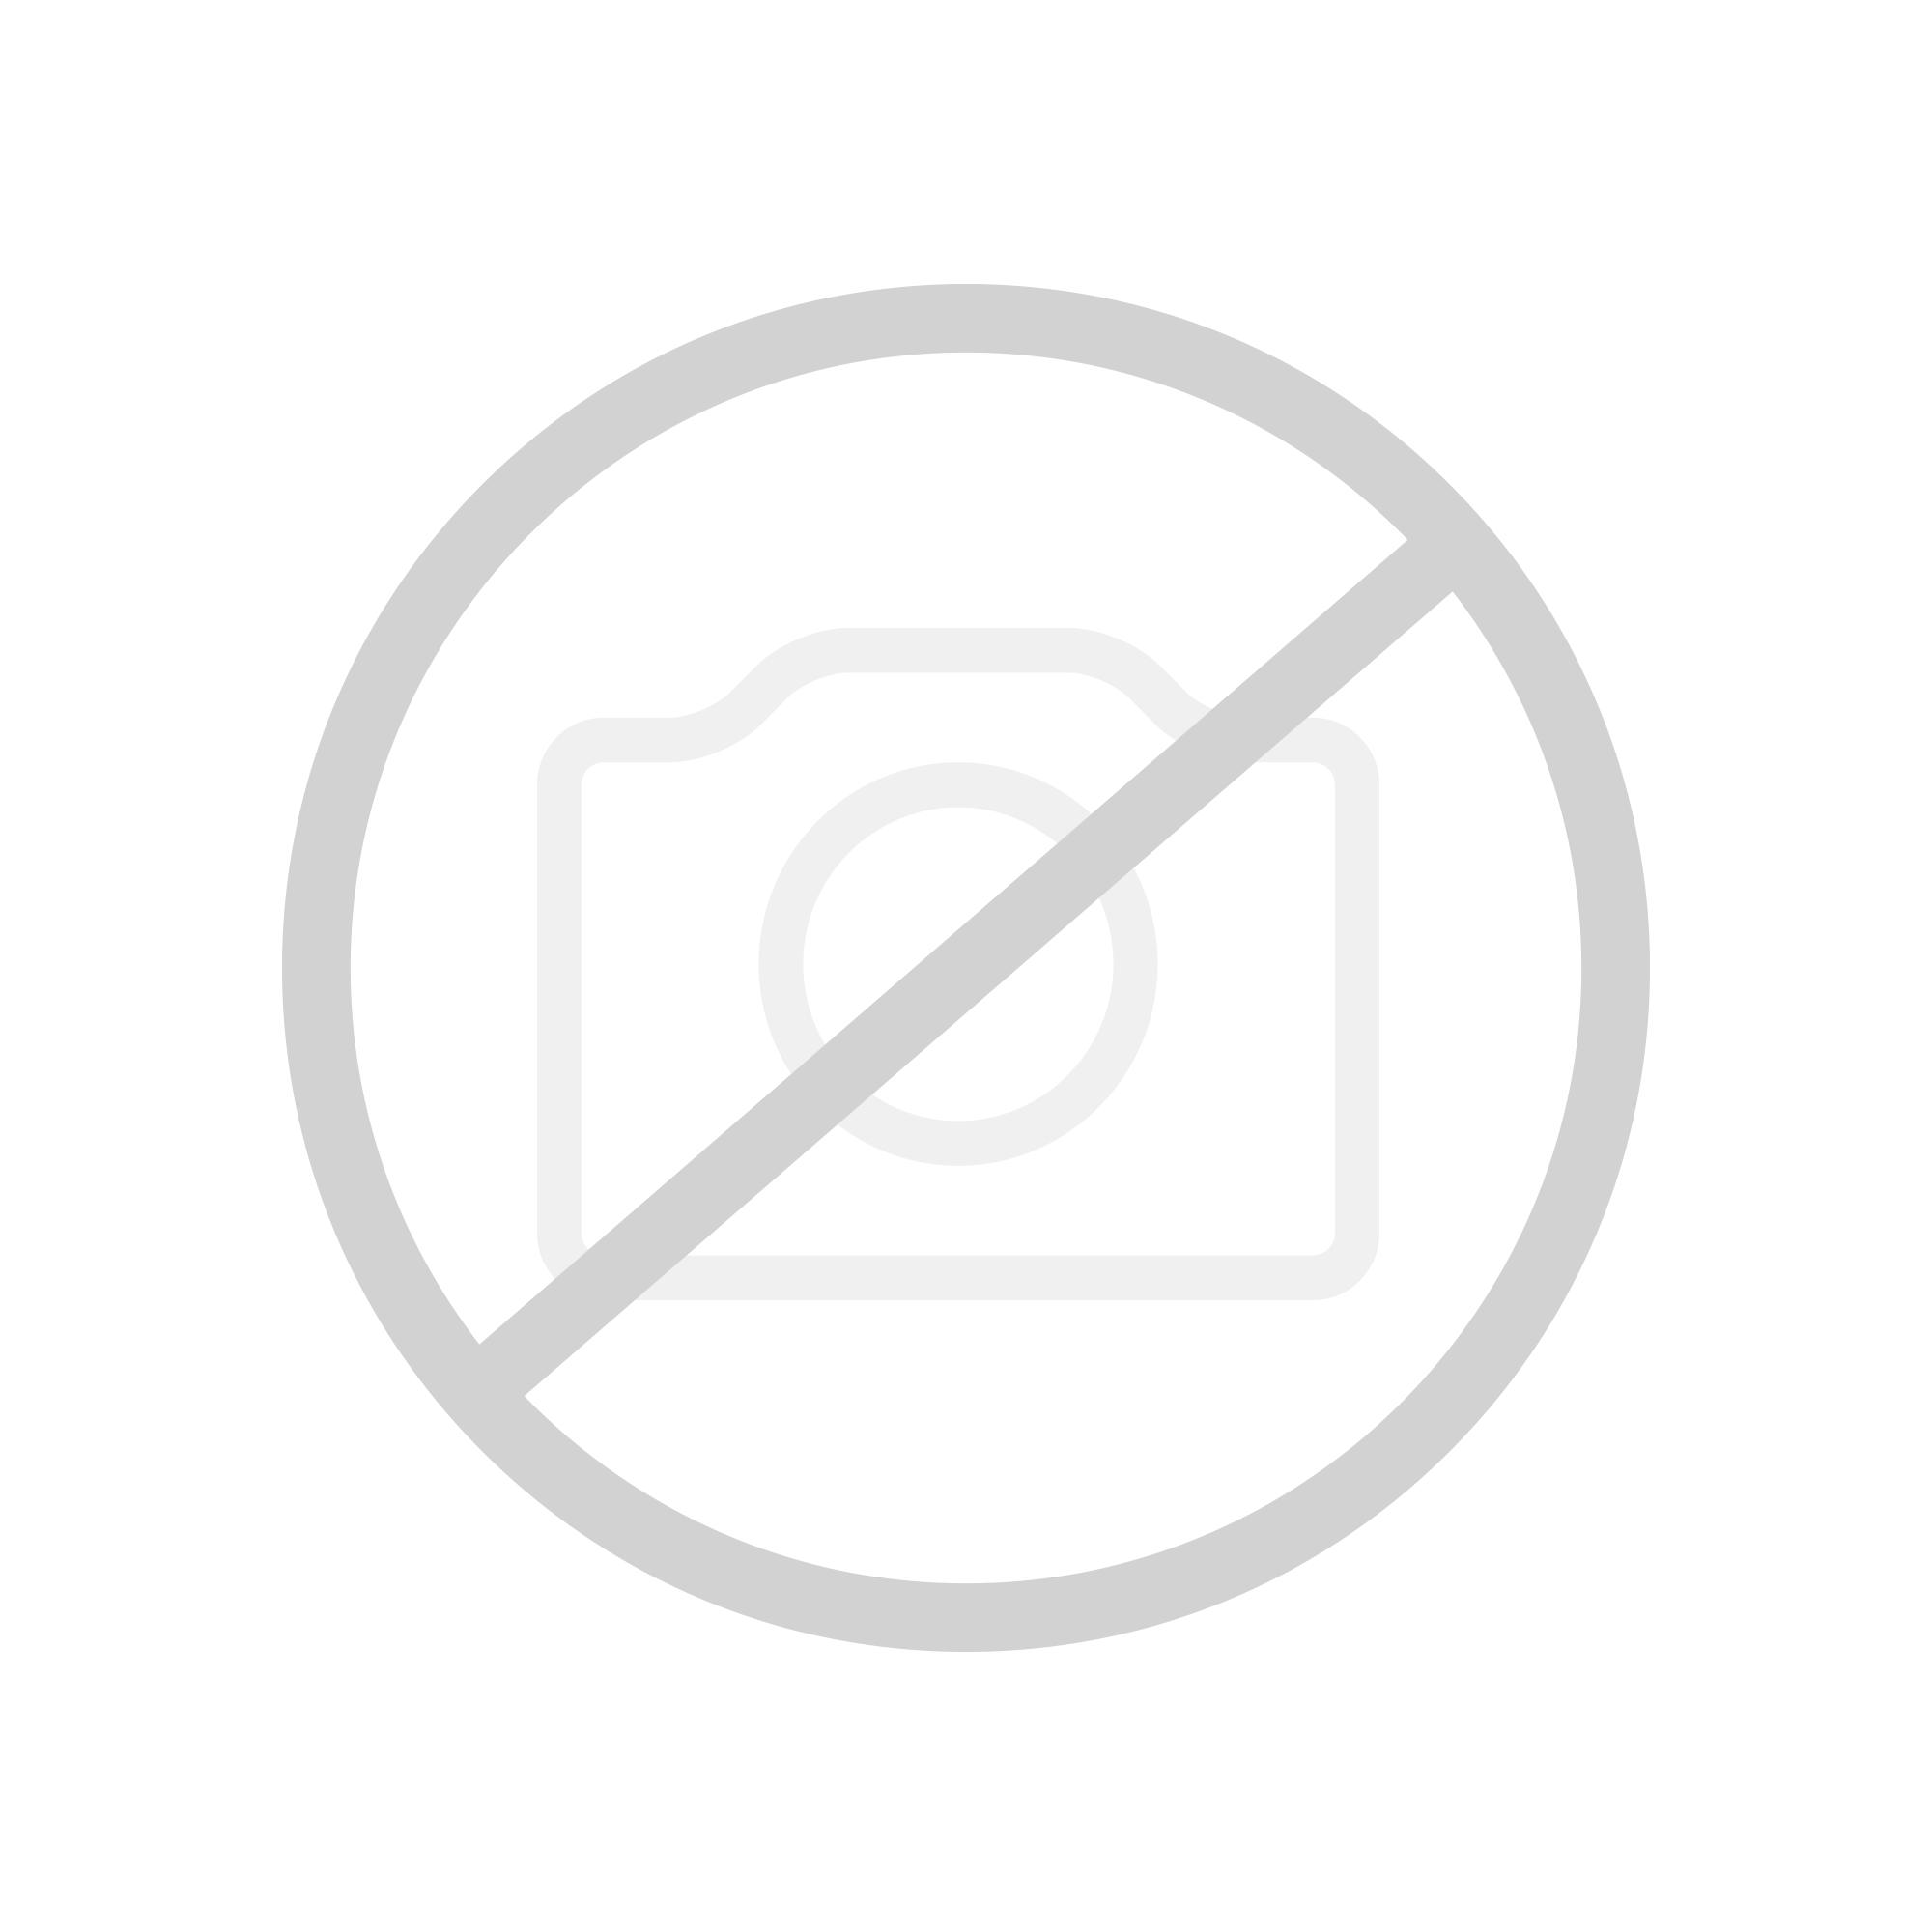 Einbauwaschtisch  Scarabeo Gaia Einbauwaschtisch - 8032 | REUTER